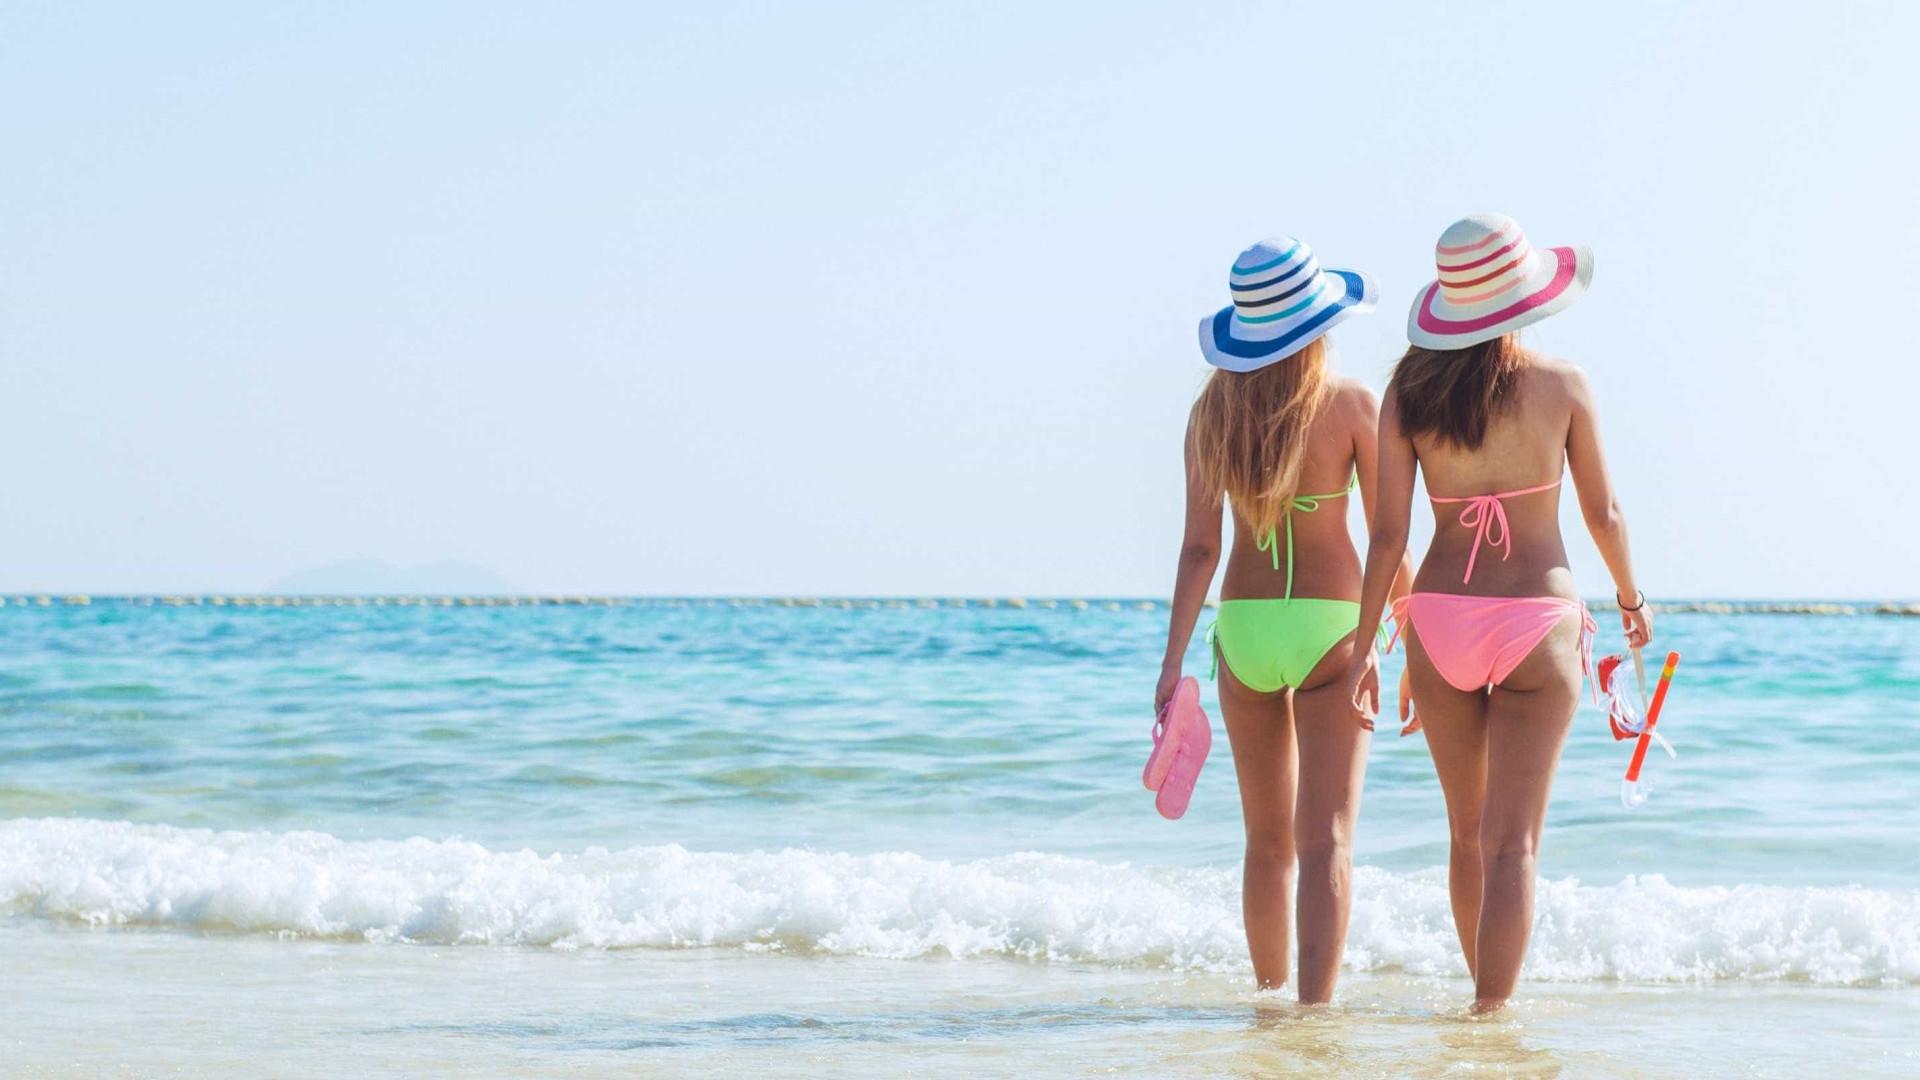 No verão, aprenda a cuidar corretamente das peças de moda praia